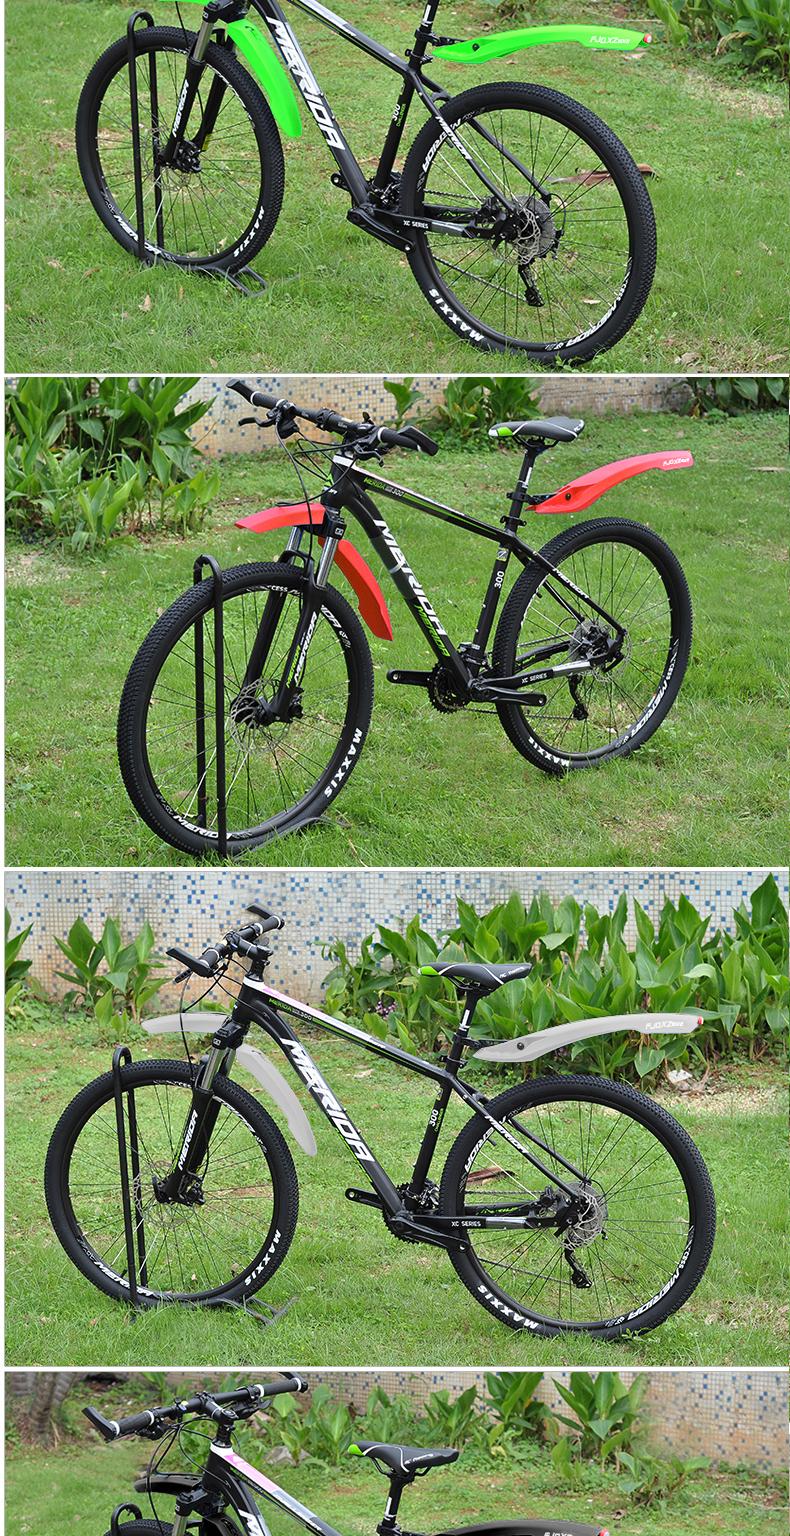 自行车挡泥板登山车伸缩遮雨板泥瓦全包式寸加长通用配件装备详细照片